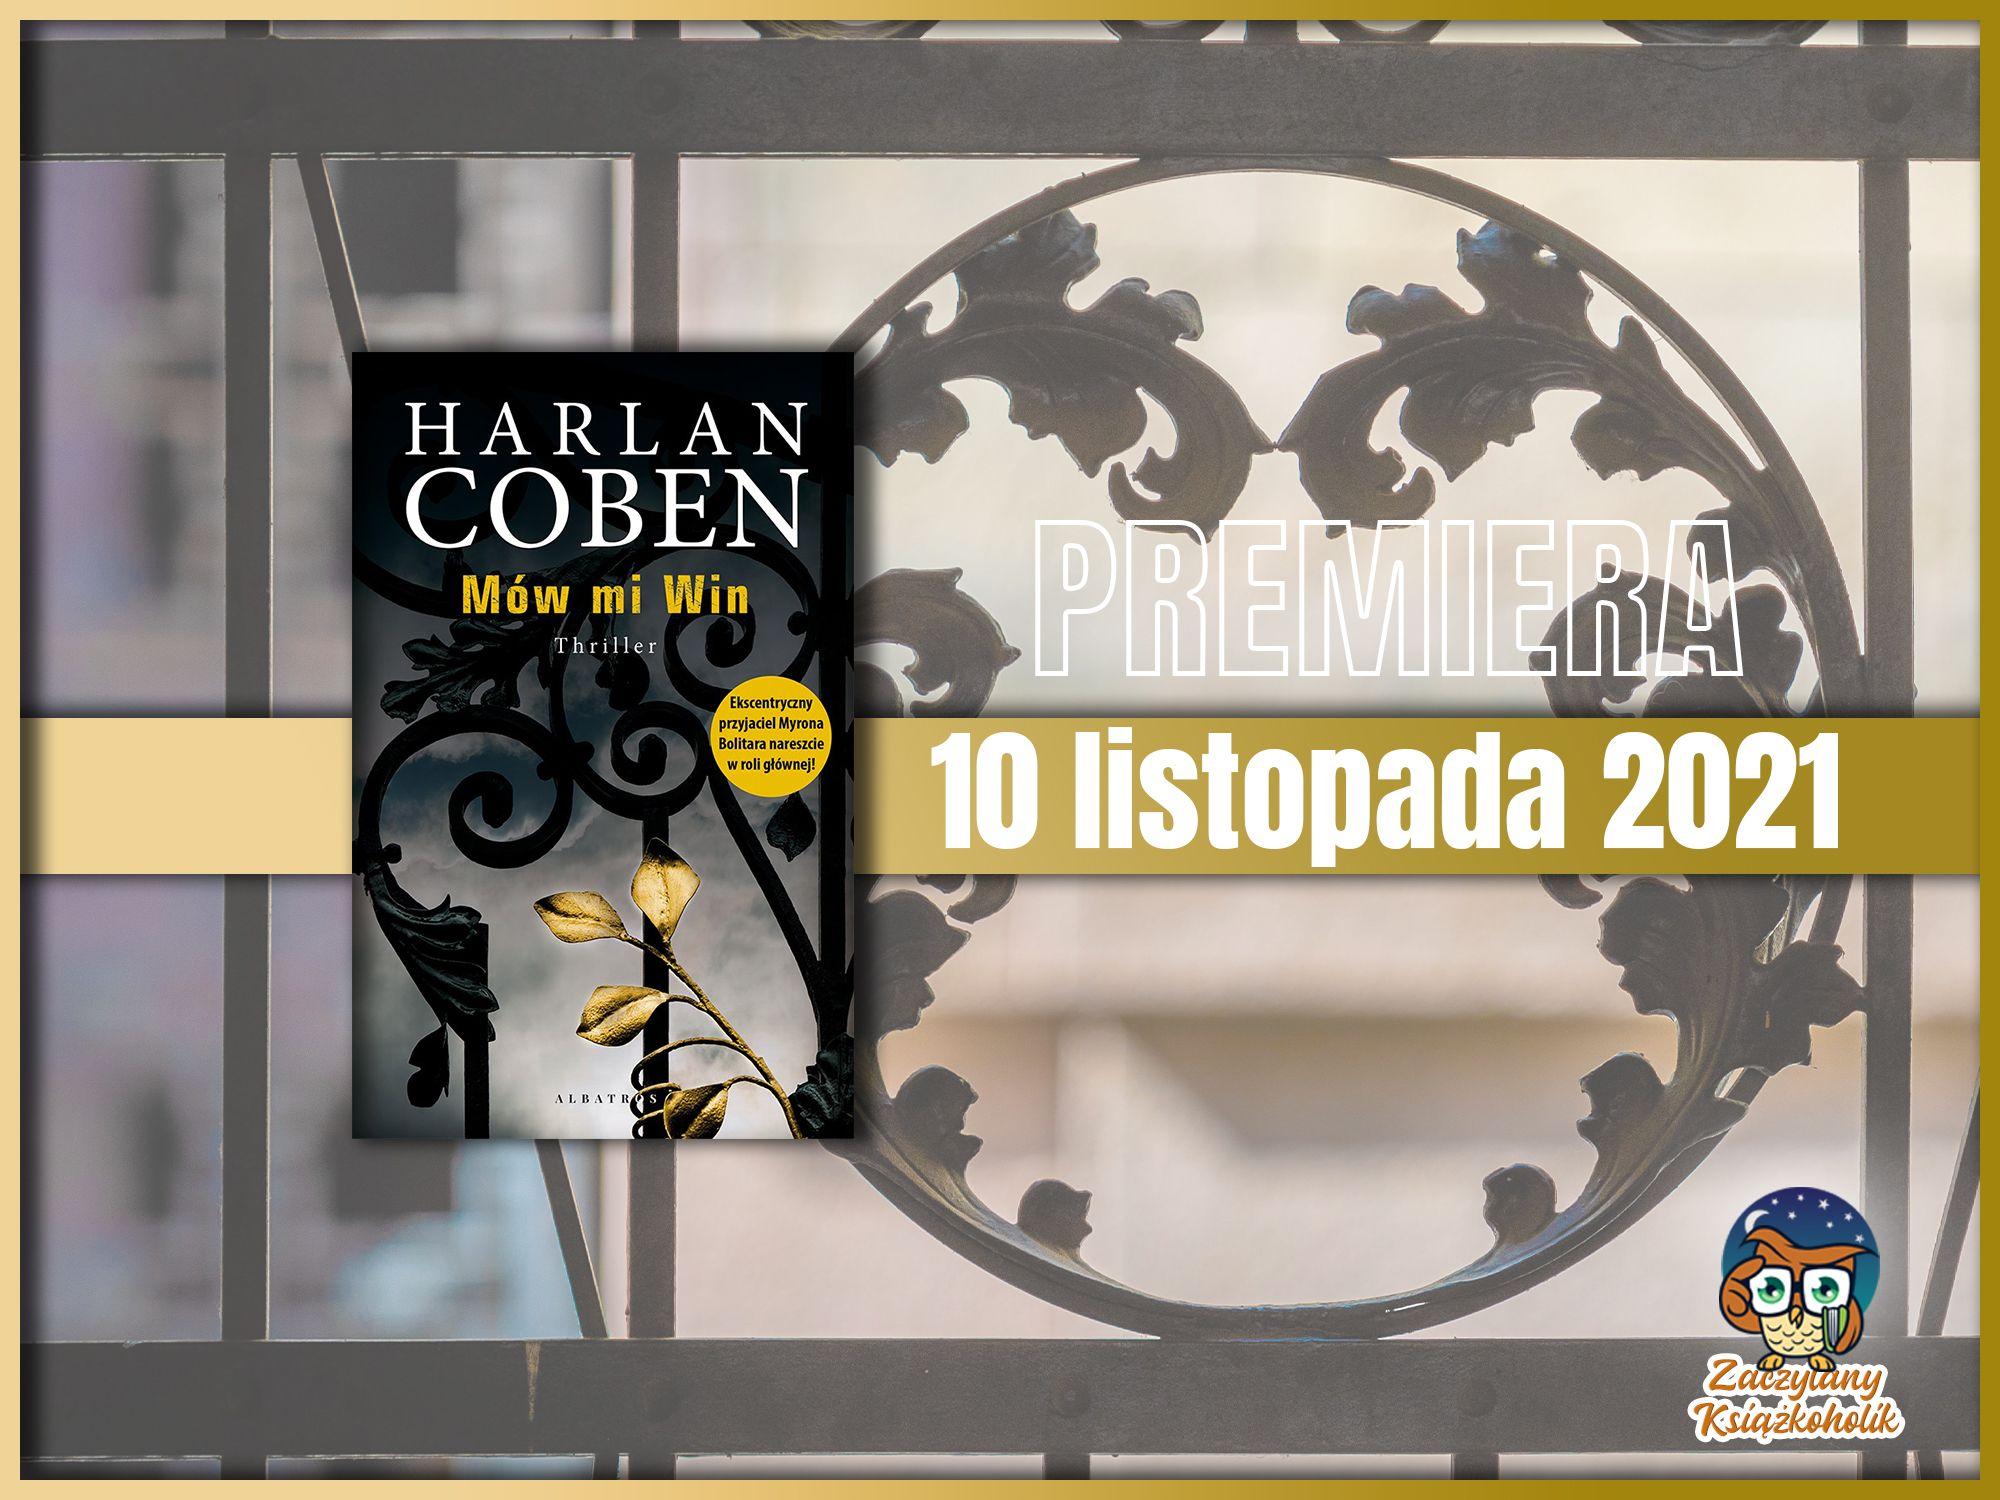 Mów mi Win, Coben Harlan, zaczytanyksiazkoholik.,pl